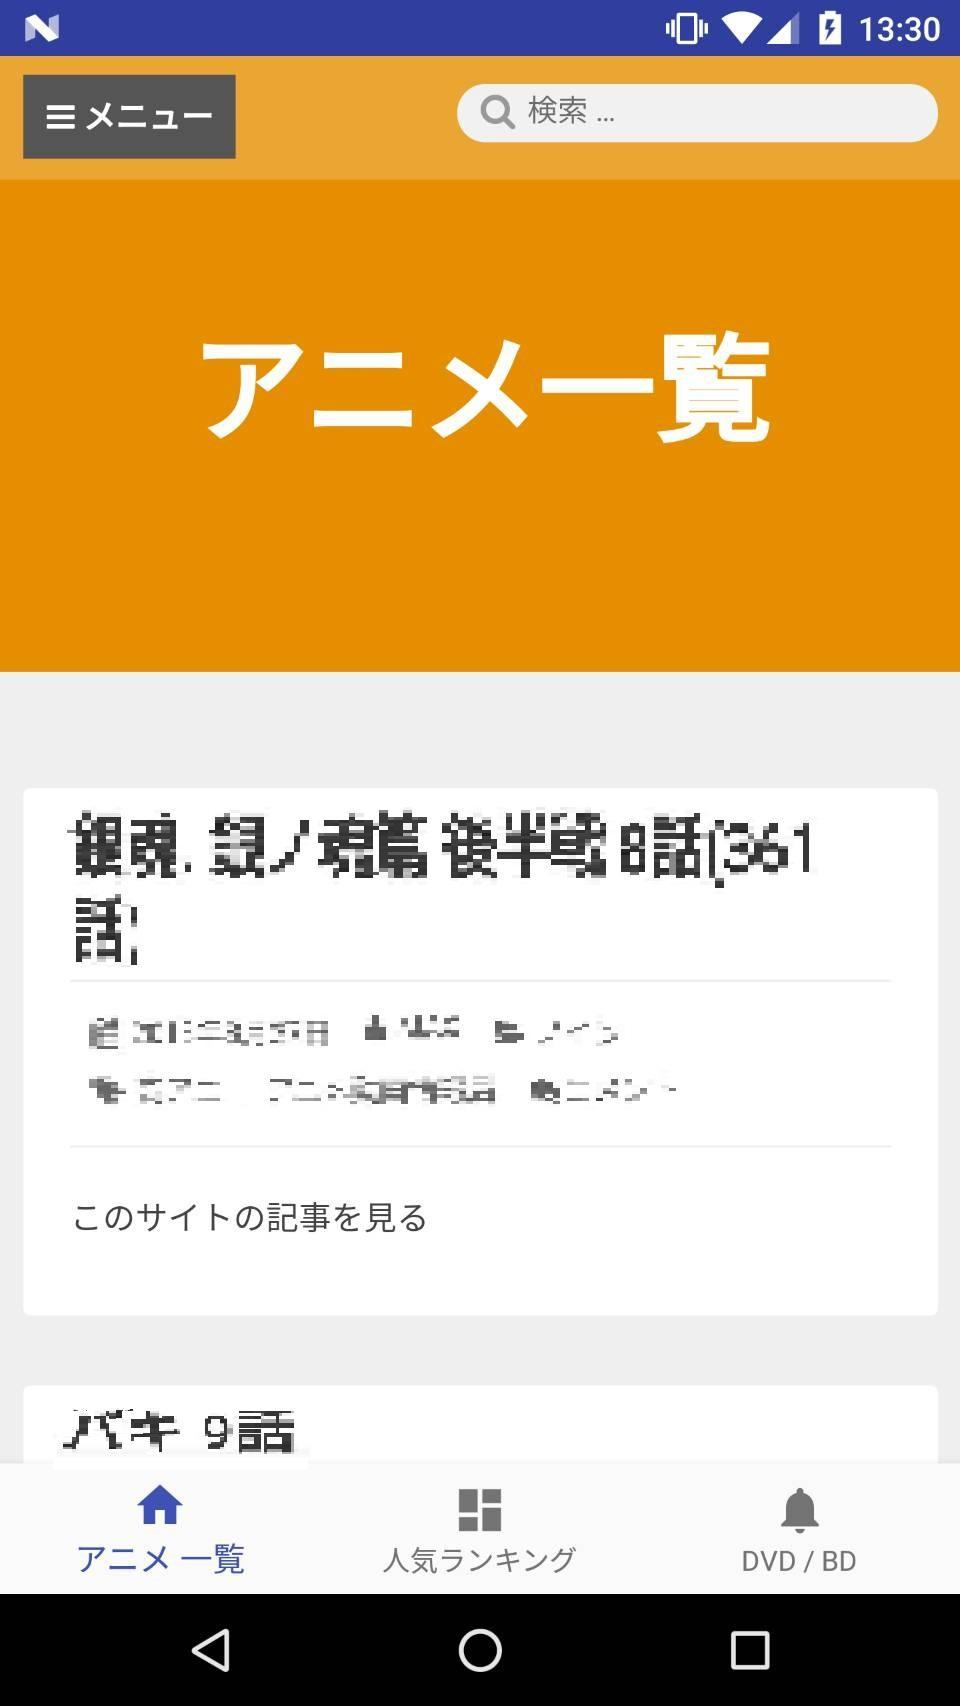 サイト アニメ 無料 視聴